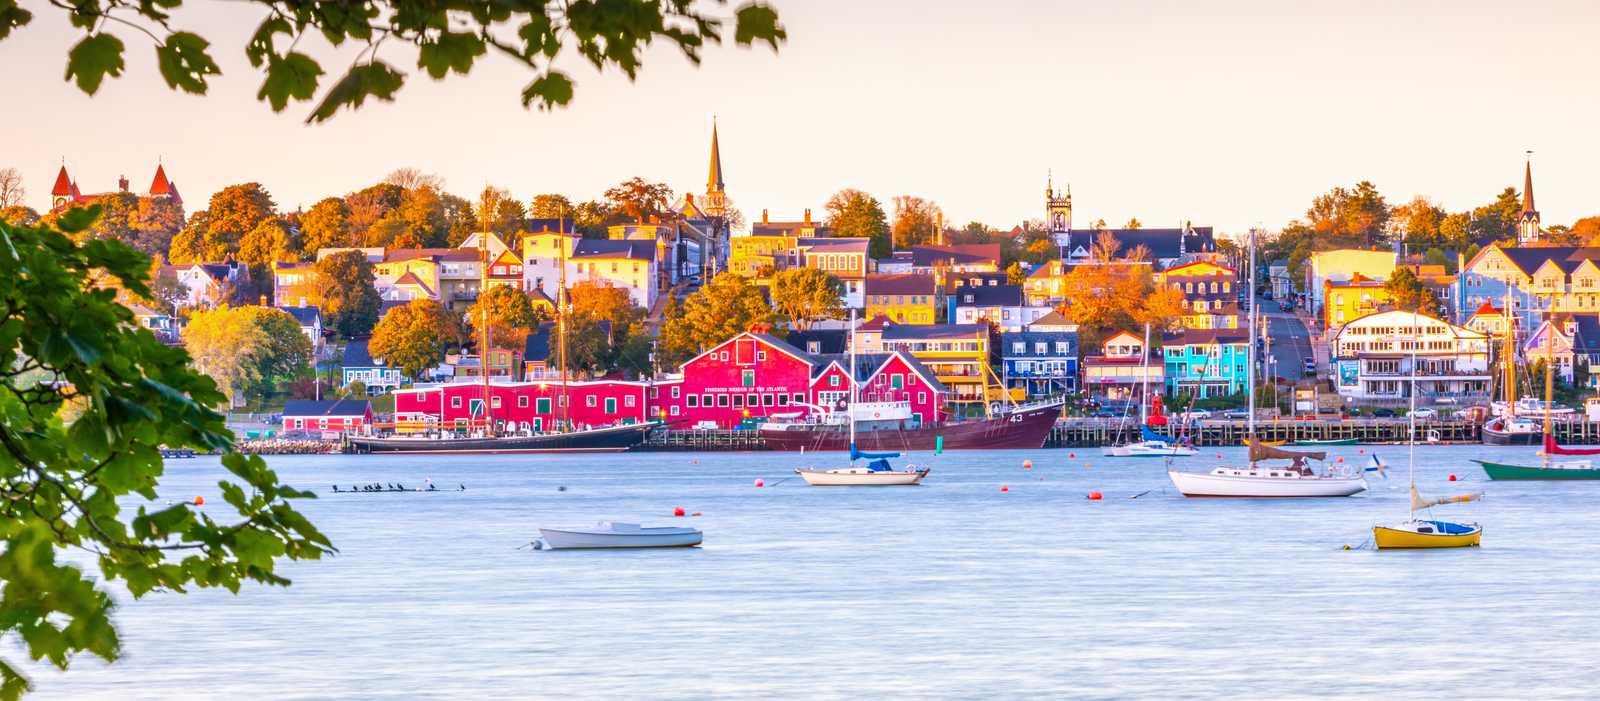 Blick auf den Hafen von Lunenburg in der kanadischen Provinz Nova Scotia